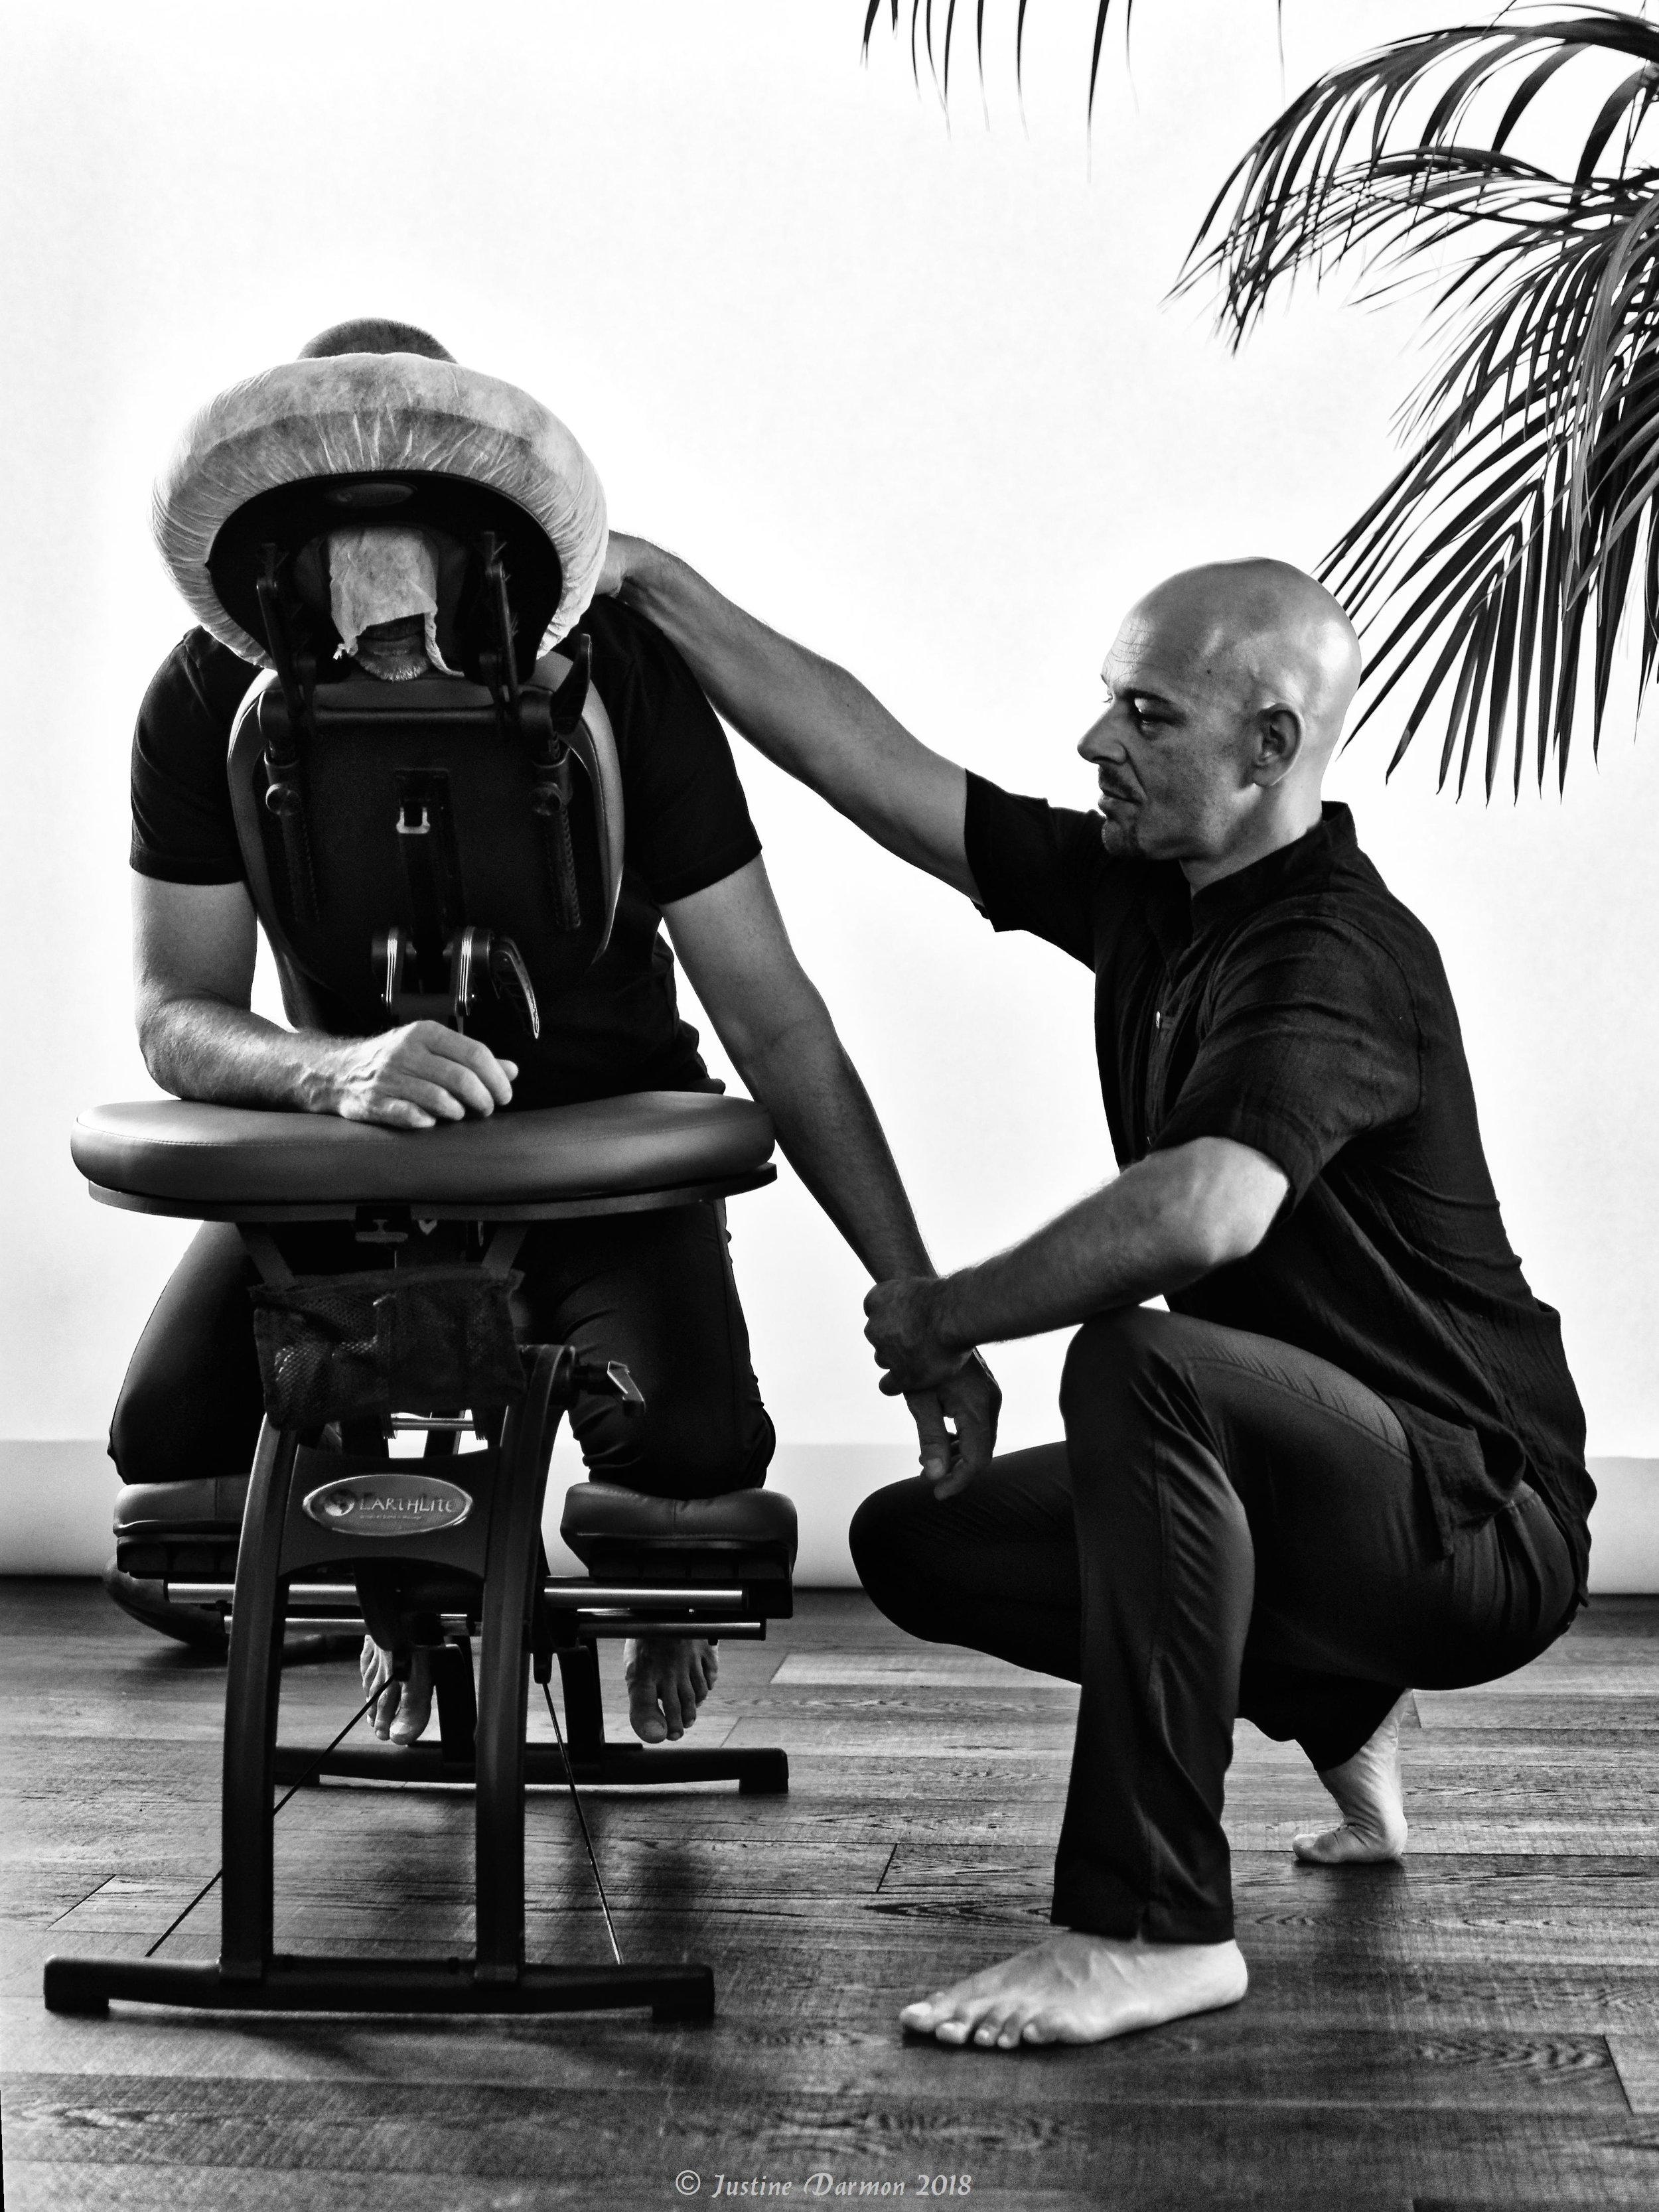 Cédric Peretou, praticien en shiatsu intervient également en entreprise dans le cadre du bien-être au travail.